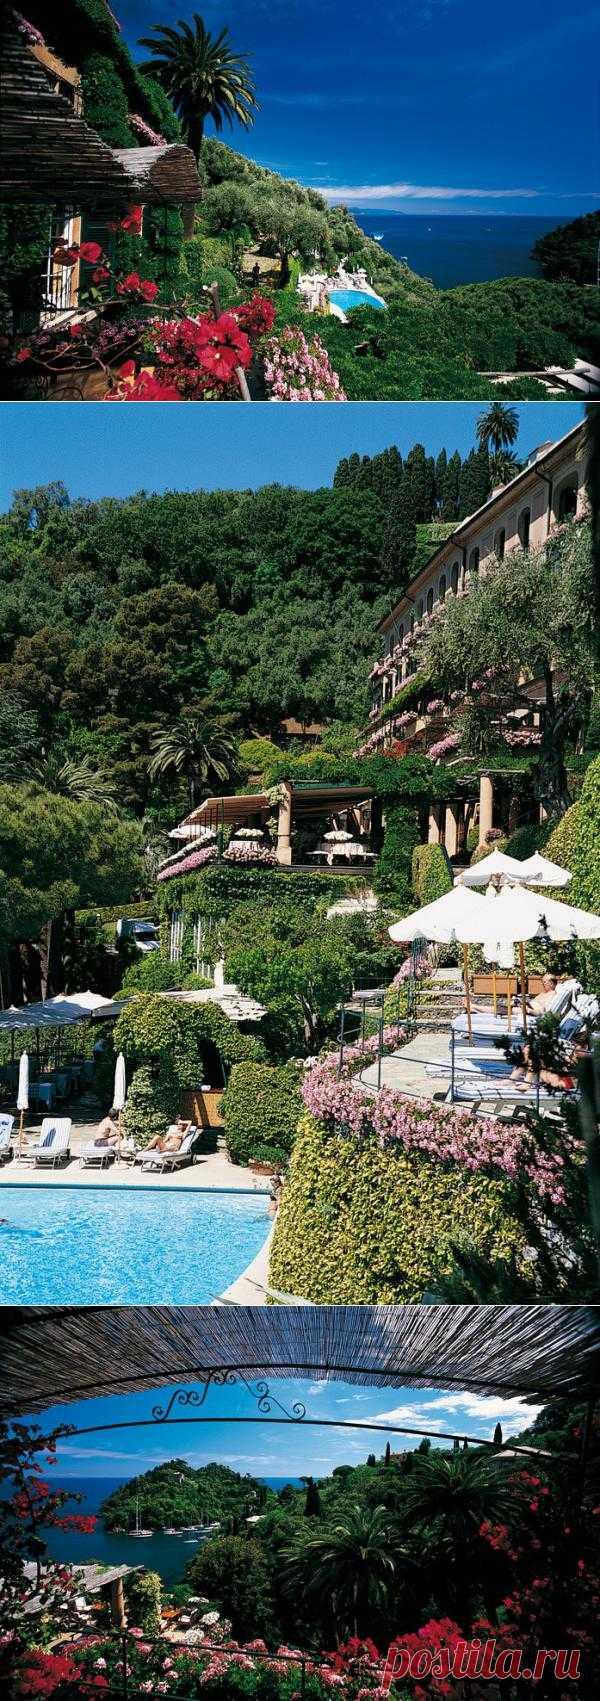 Италия великолепна и роскошна сама по себе, но если вам хочется лучшего из лучшего, отправляйтесь в Портофино, один из наиболее эксклюзивных курортов Лигурийской Ривьеры, а также одно из самых красивых мест Италии. Портофино, Италия